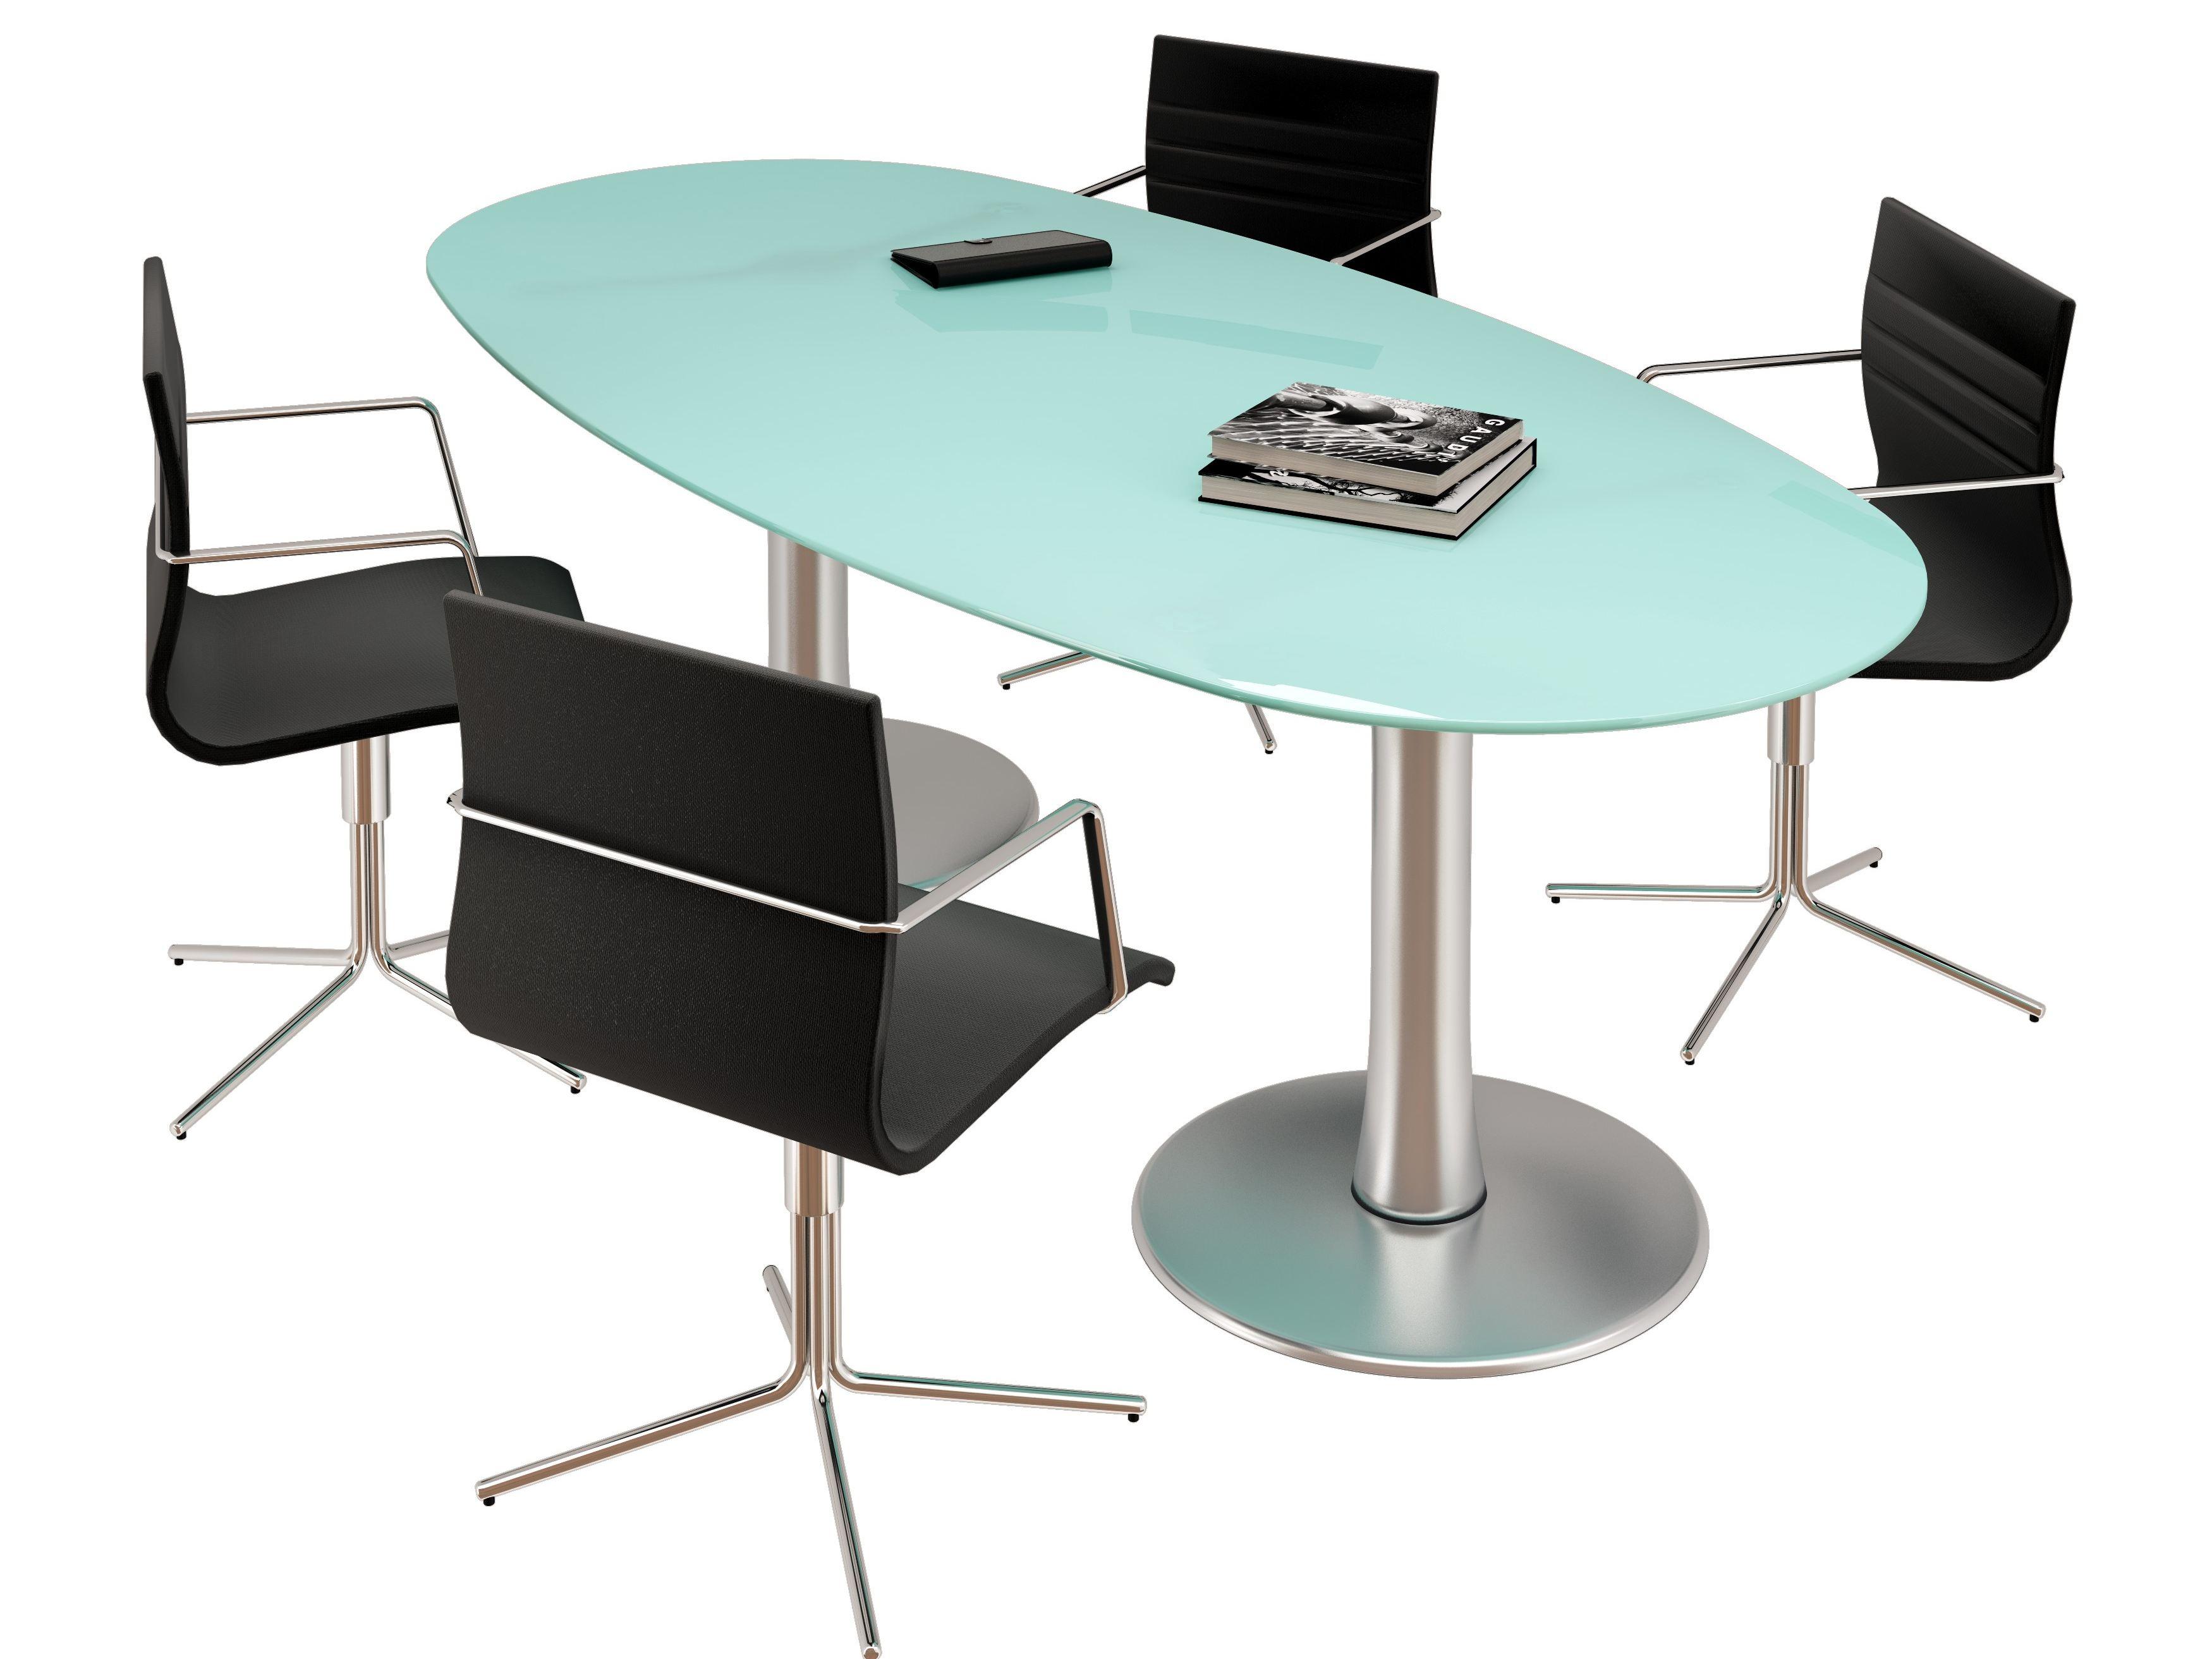 Tavolo da riunione collezione tavoli riunione by for Quadrifoglio arredo ufficio